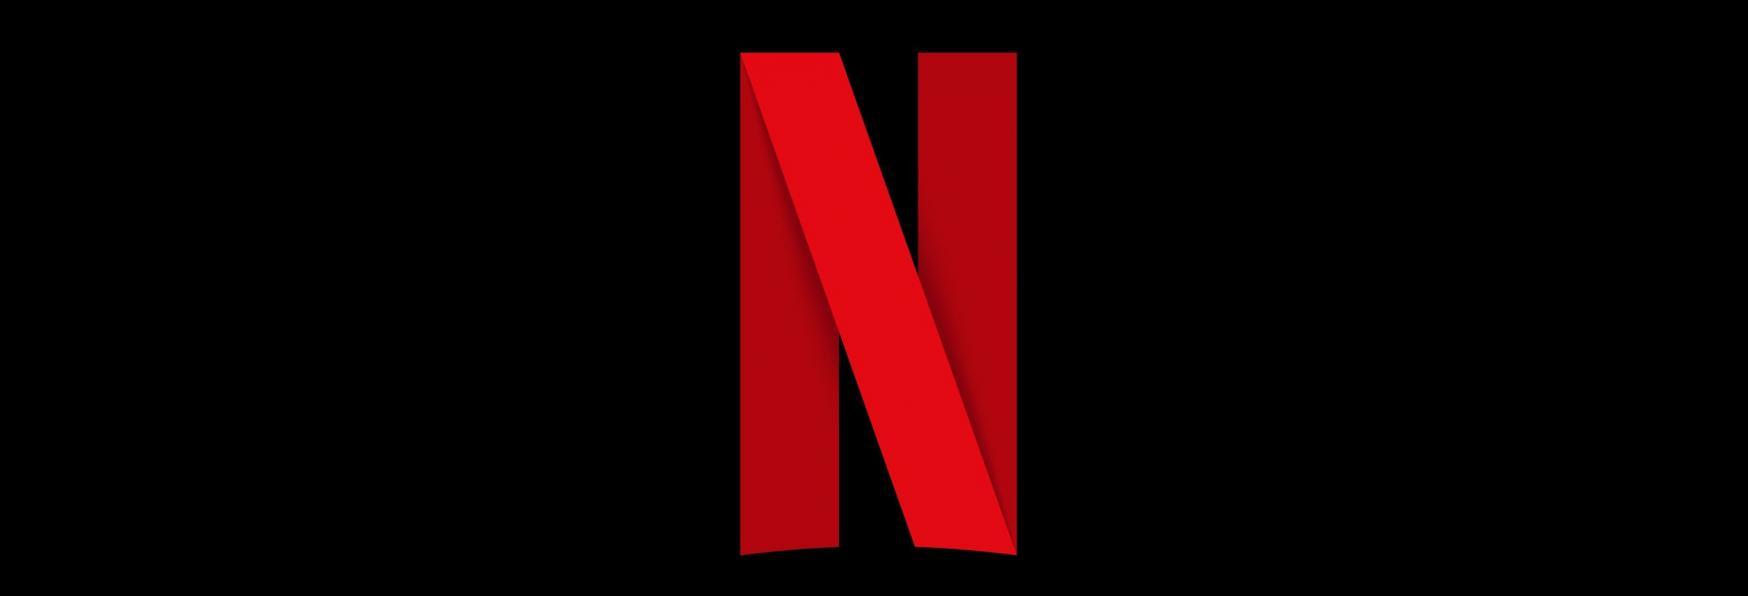 My Life with the Walter Boys: Netflix ordina una nuova Serie TV Drama basata sul Romanzo di Ali Novak